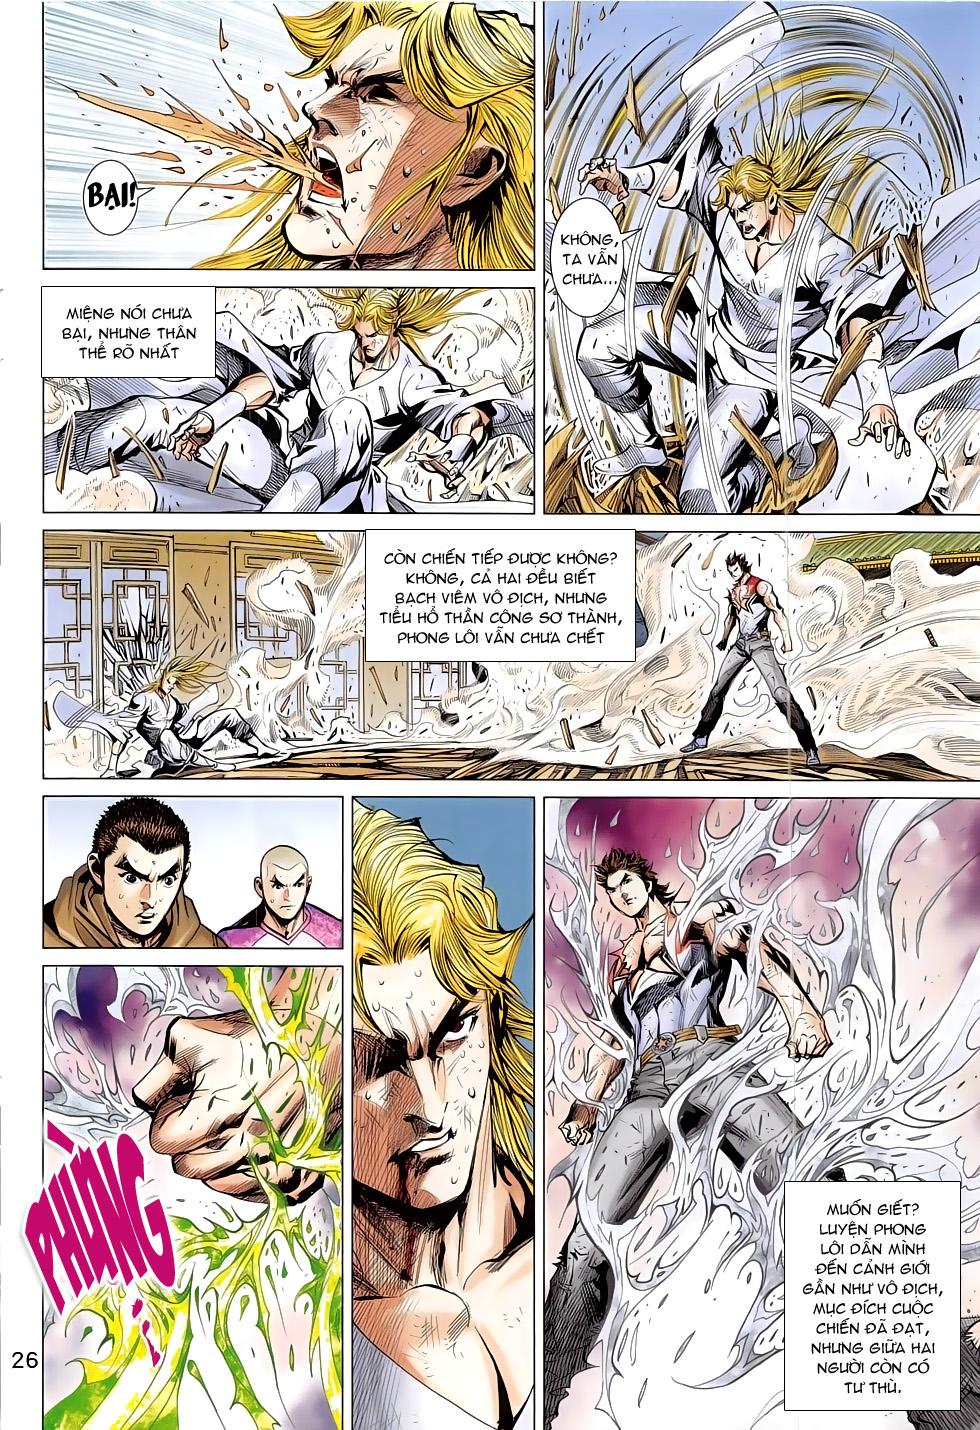 Đông Phương Chân Long chap 65 - Trang 26